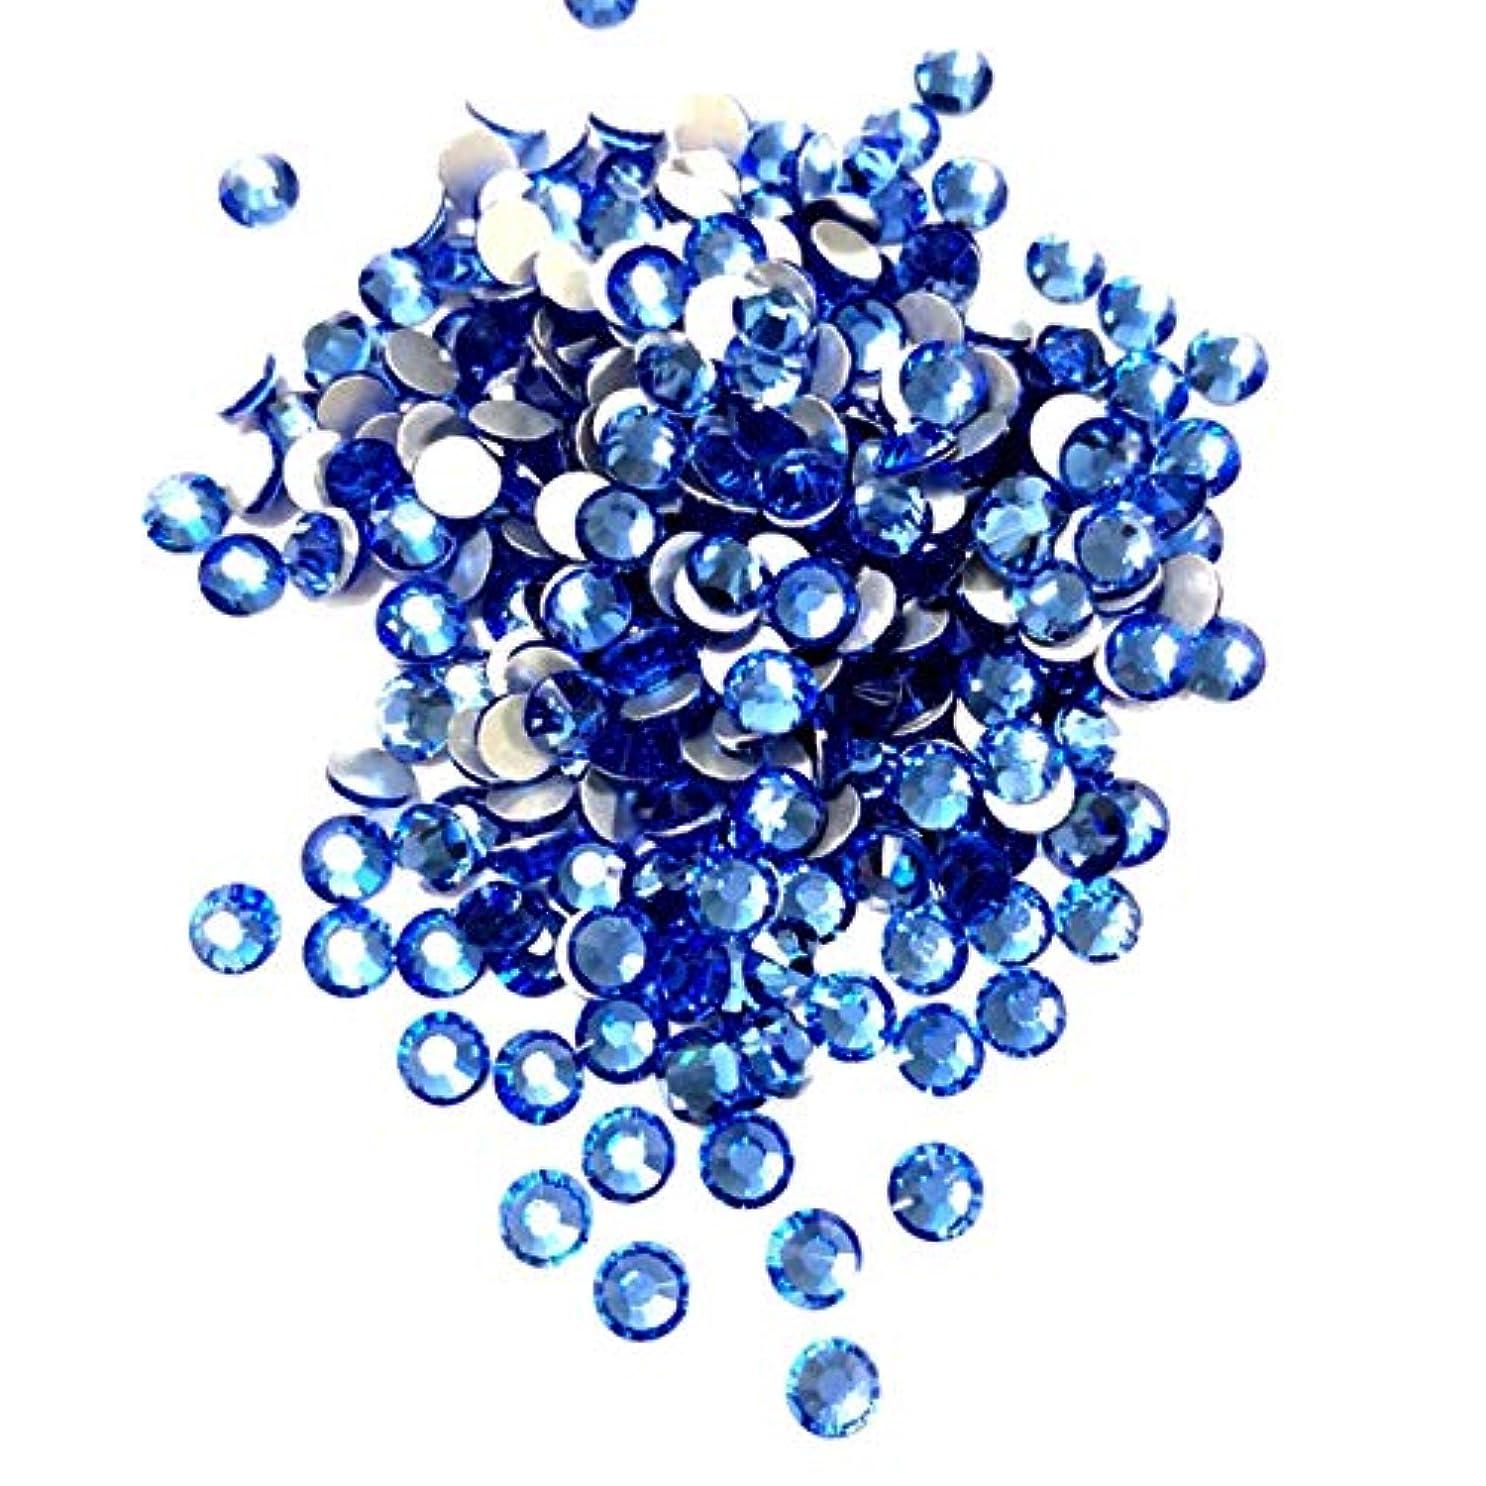 疎外パワーセル血【ネイルウーマン】最高品質ガラスストーン!スワロ同等の輝き! ライトサファイア ブルー 水色 (約100粒入り) (ライトサファイア) (SS6, ライトサファイア)